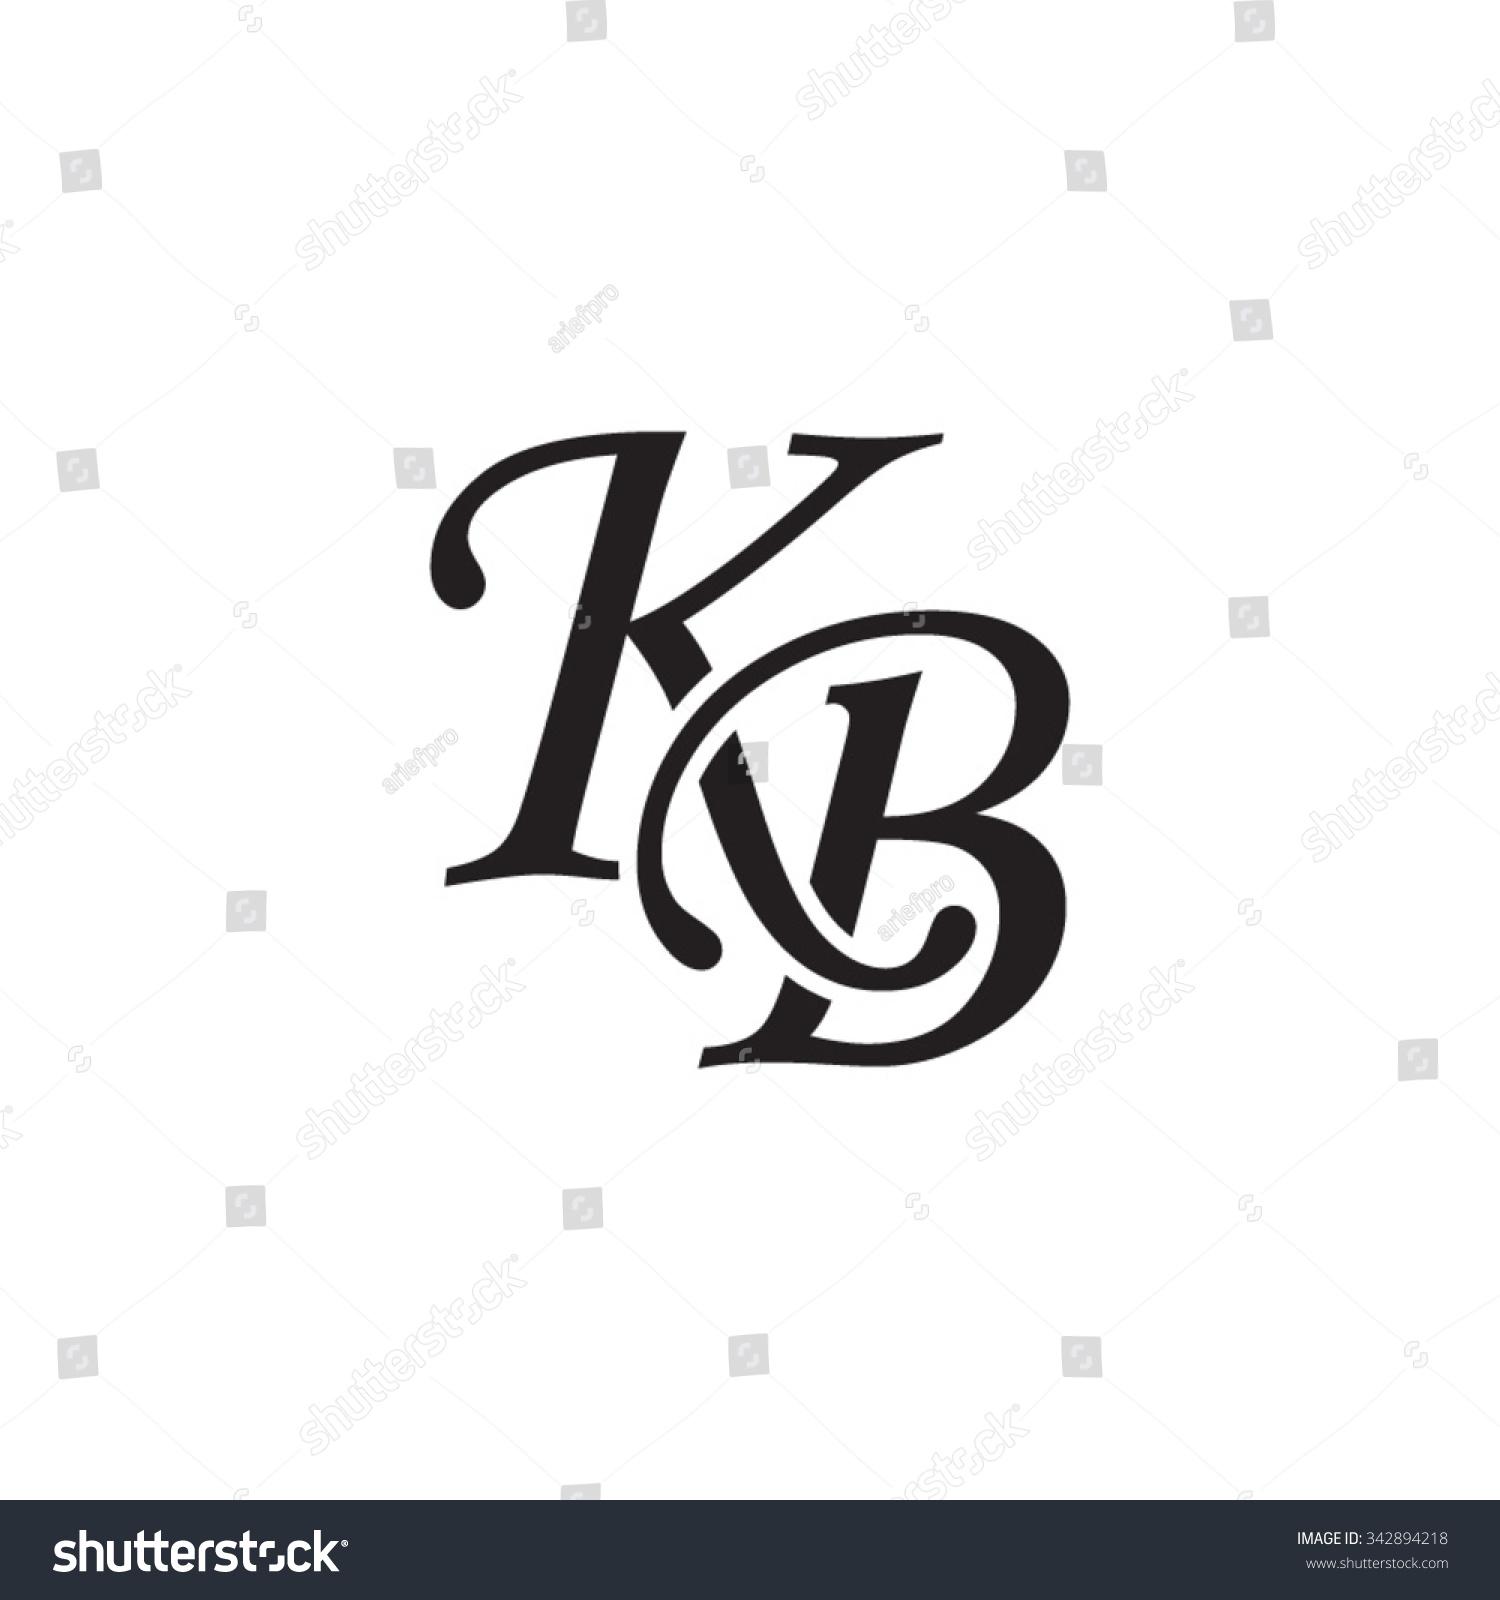 KB initial monogram logo